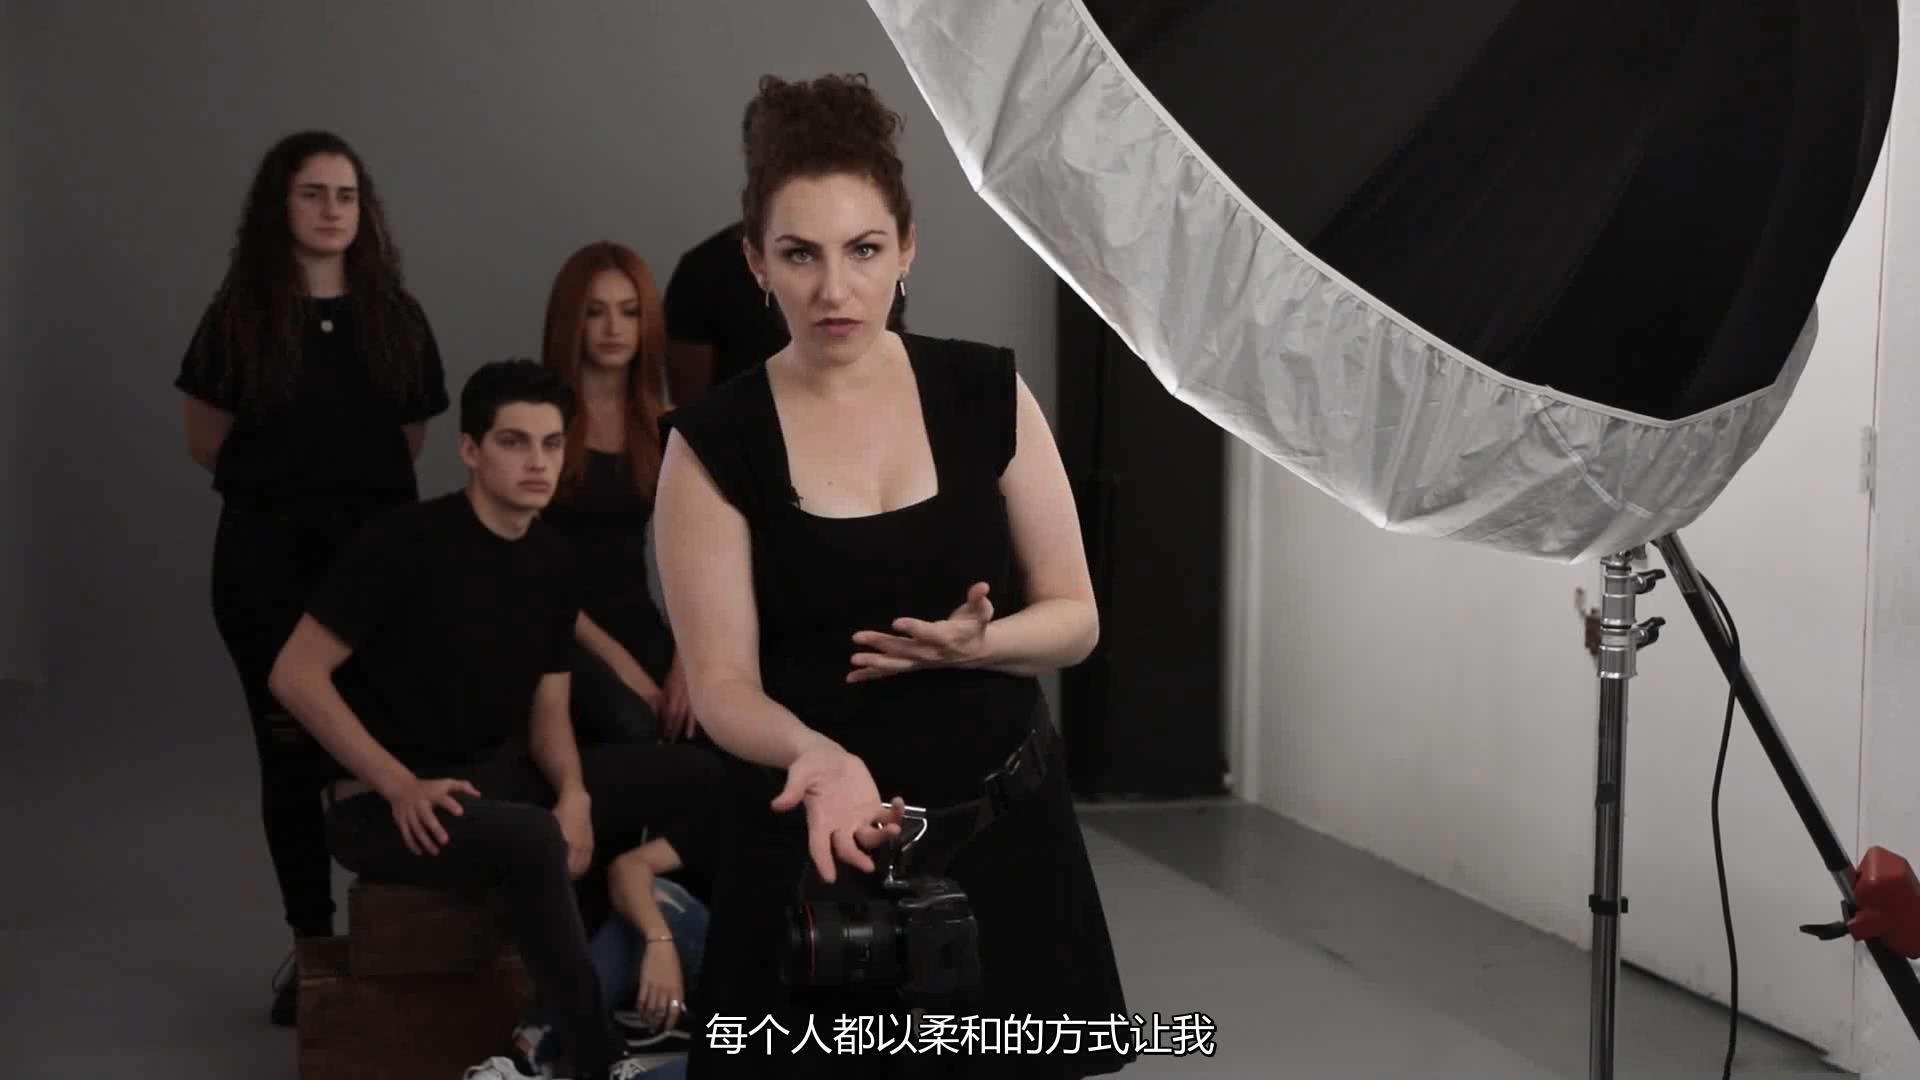 摄影教程_Lindsay Adler为期10周的工作室棚拍布光大师班教程-中文字幕 摄影教程 _预览图35